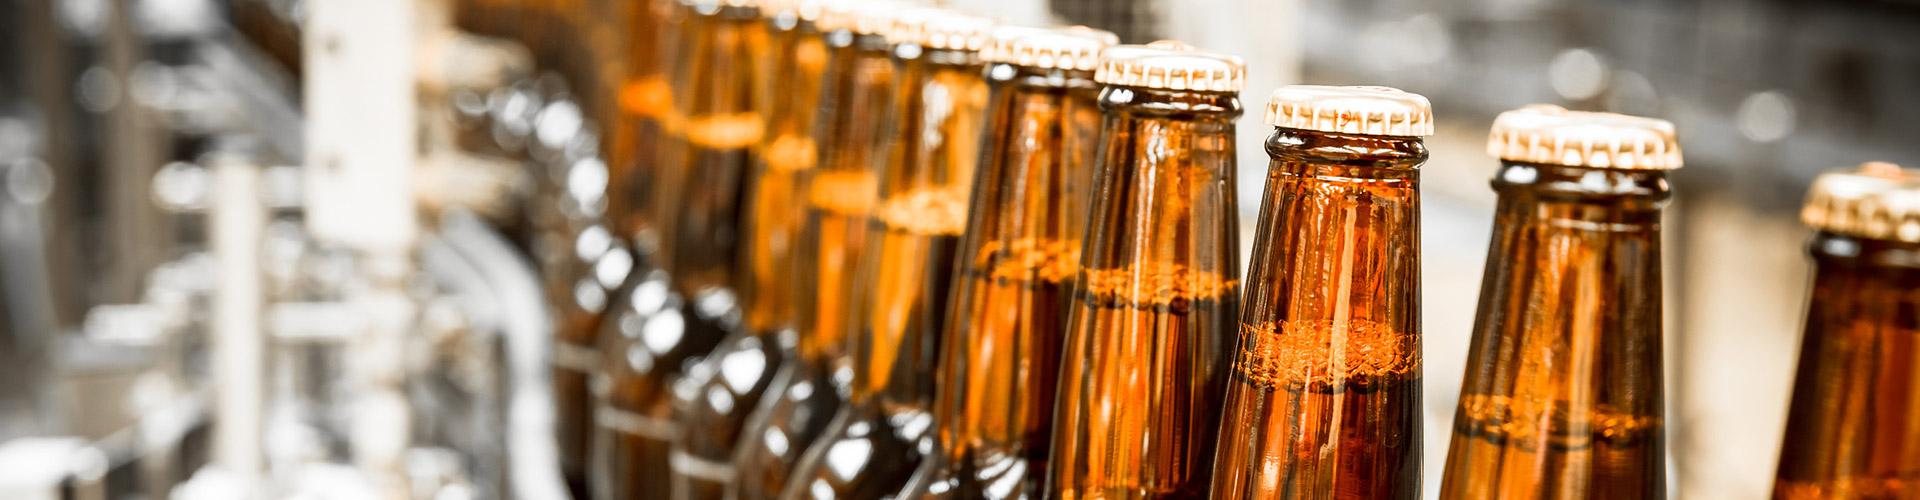 Brauereien